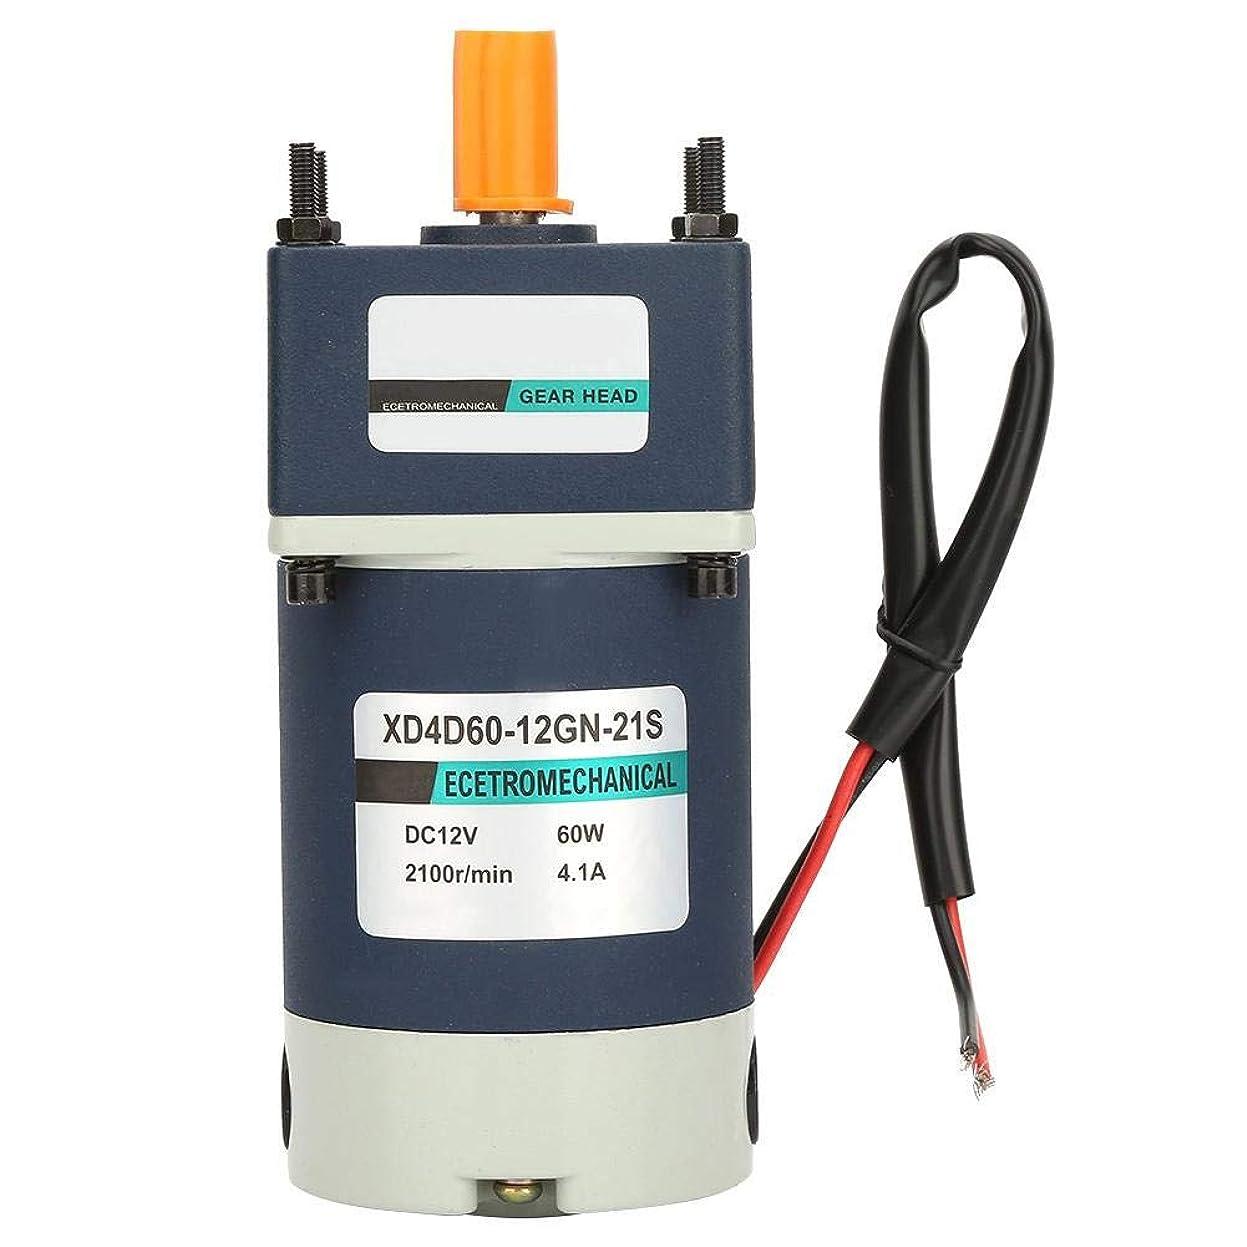 分子うぬぼれ負荷高トルク減速モーター、12V 60W高ねじれ調整可能速度メタルギア永久磁石DCギアードモーター(20,100RPM)